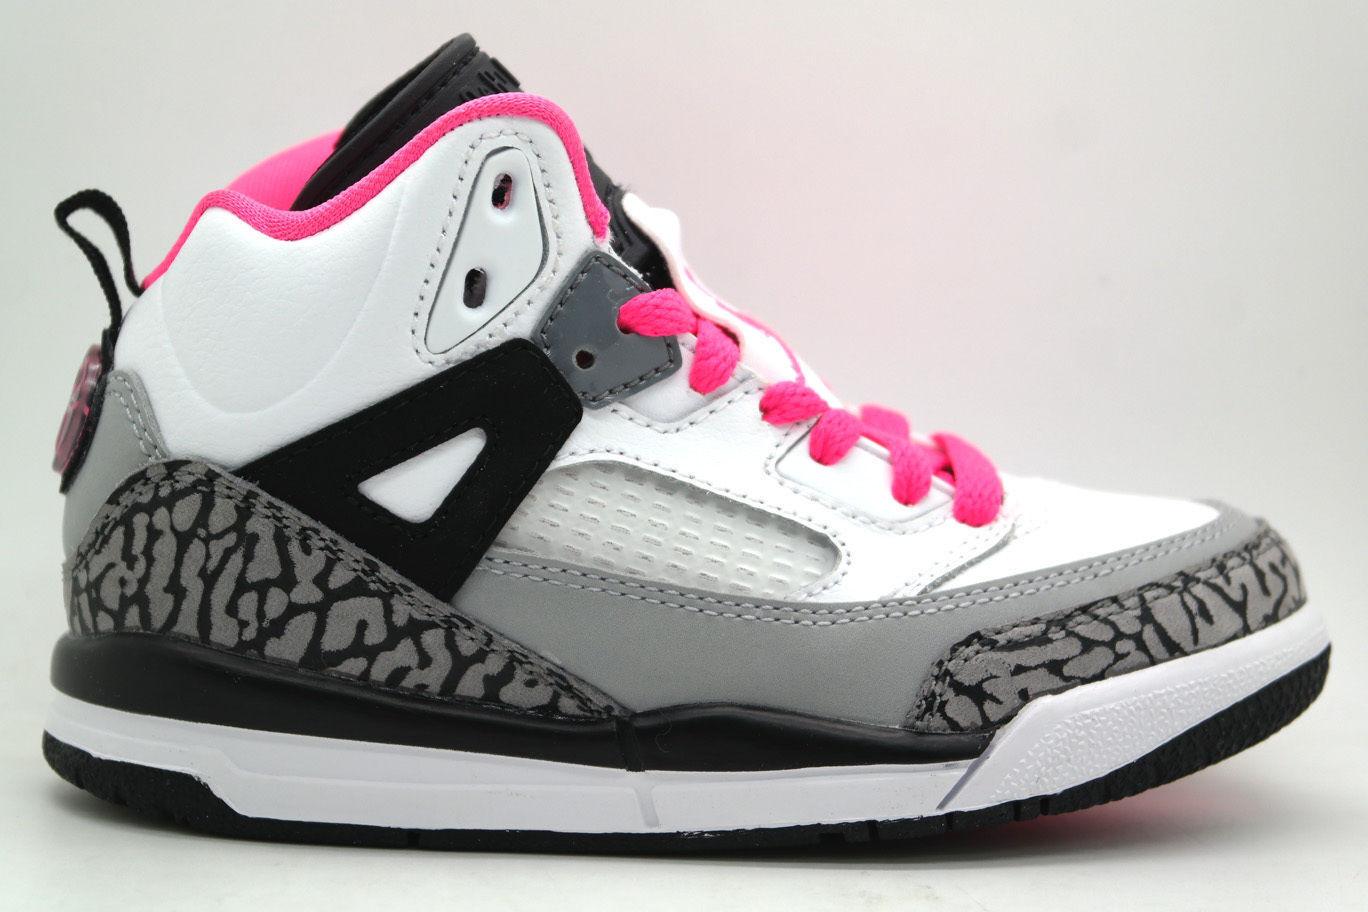 Black Friday Deals For Jordans Shoes